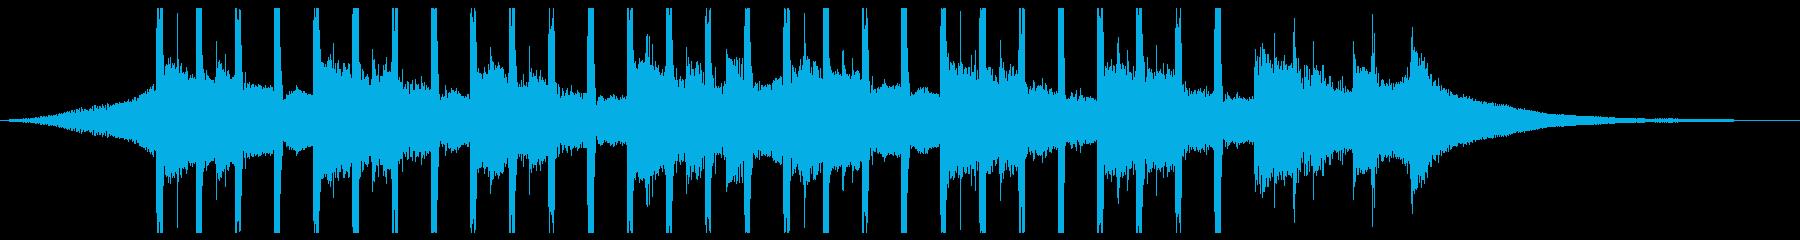 広告の背景(ショート3)の再生済みの波形